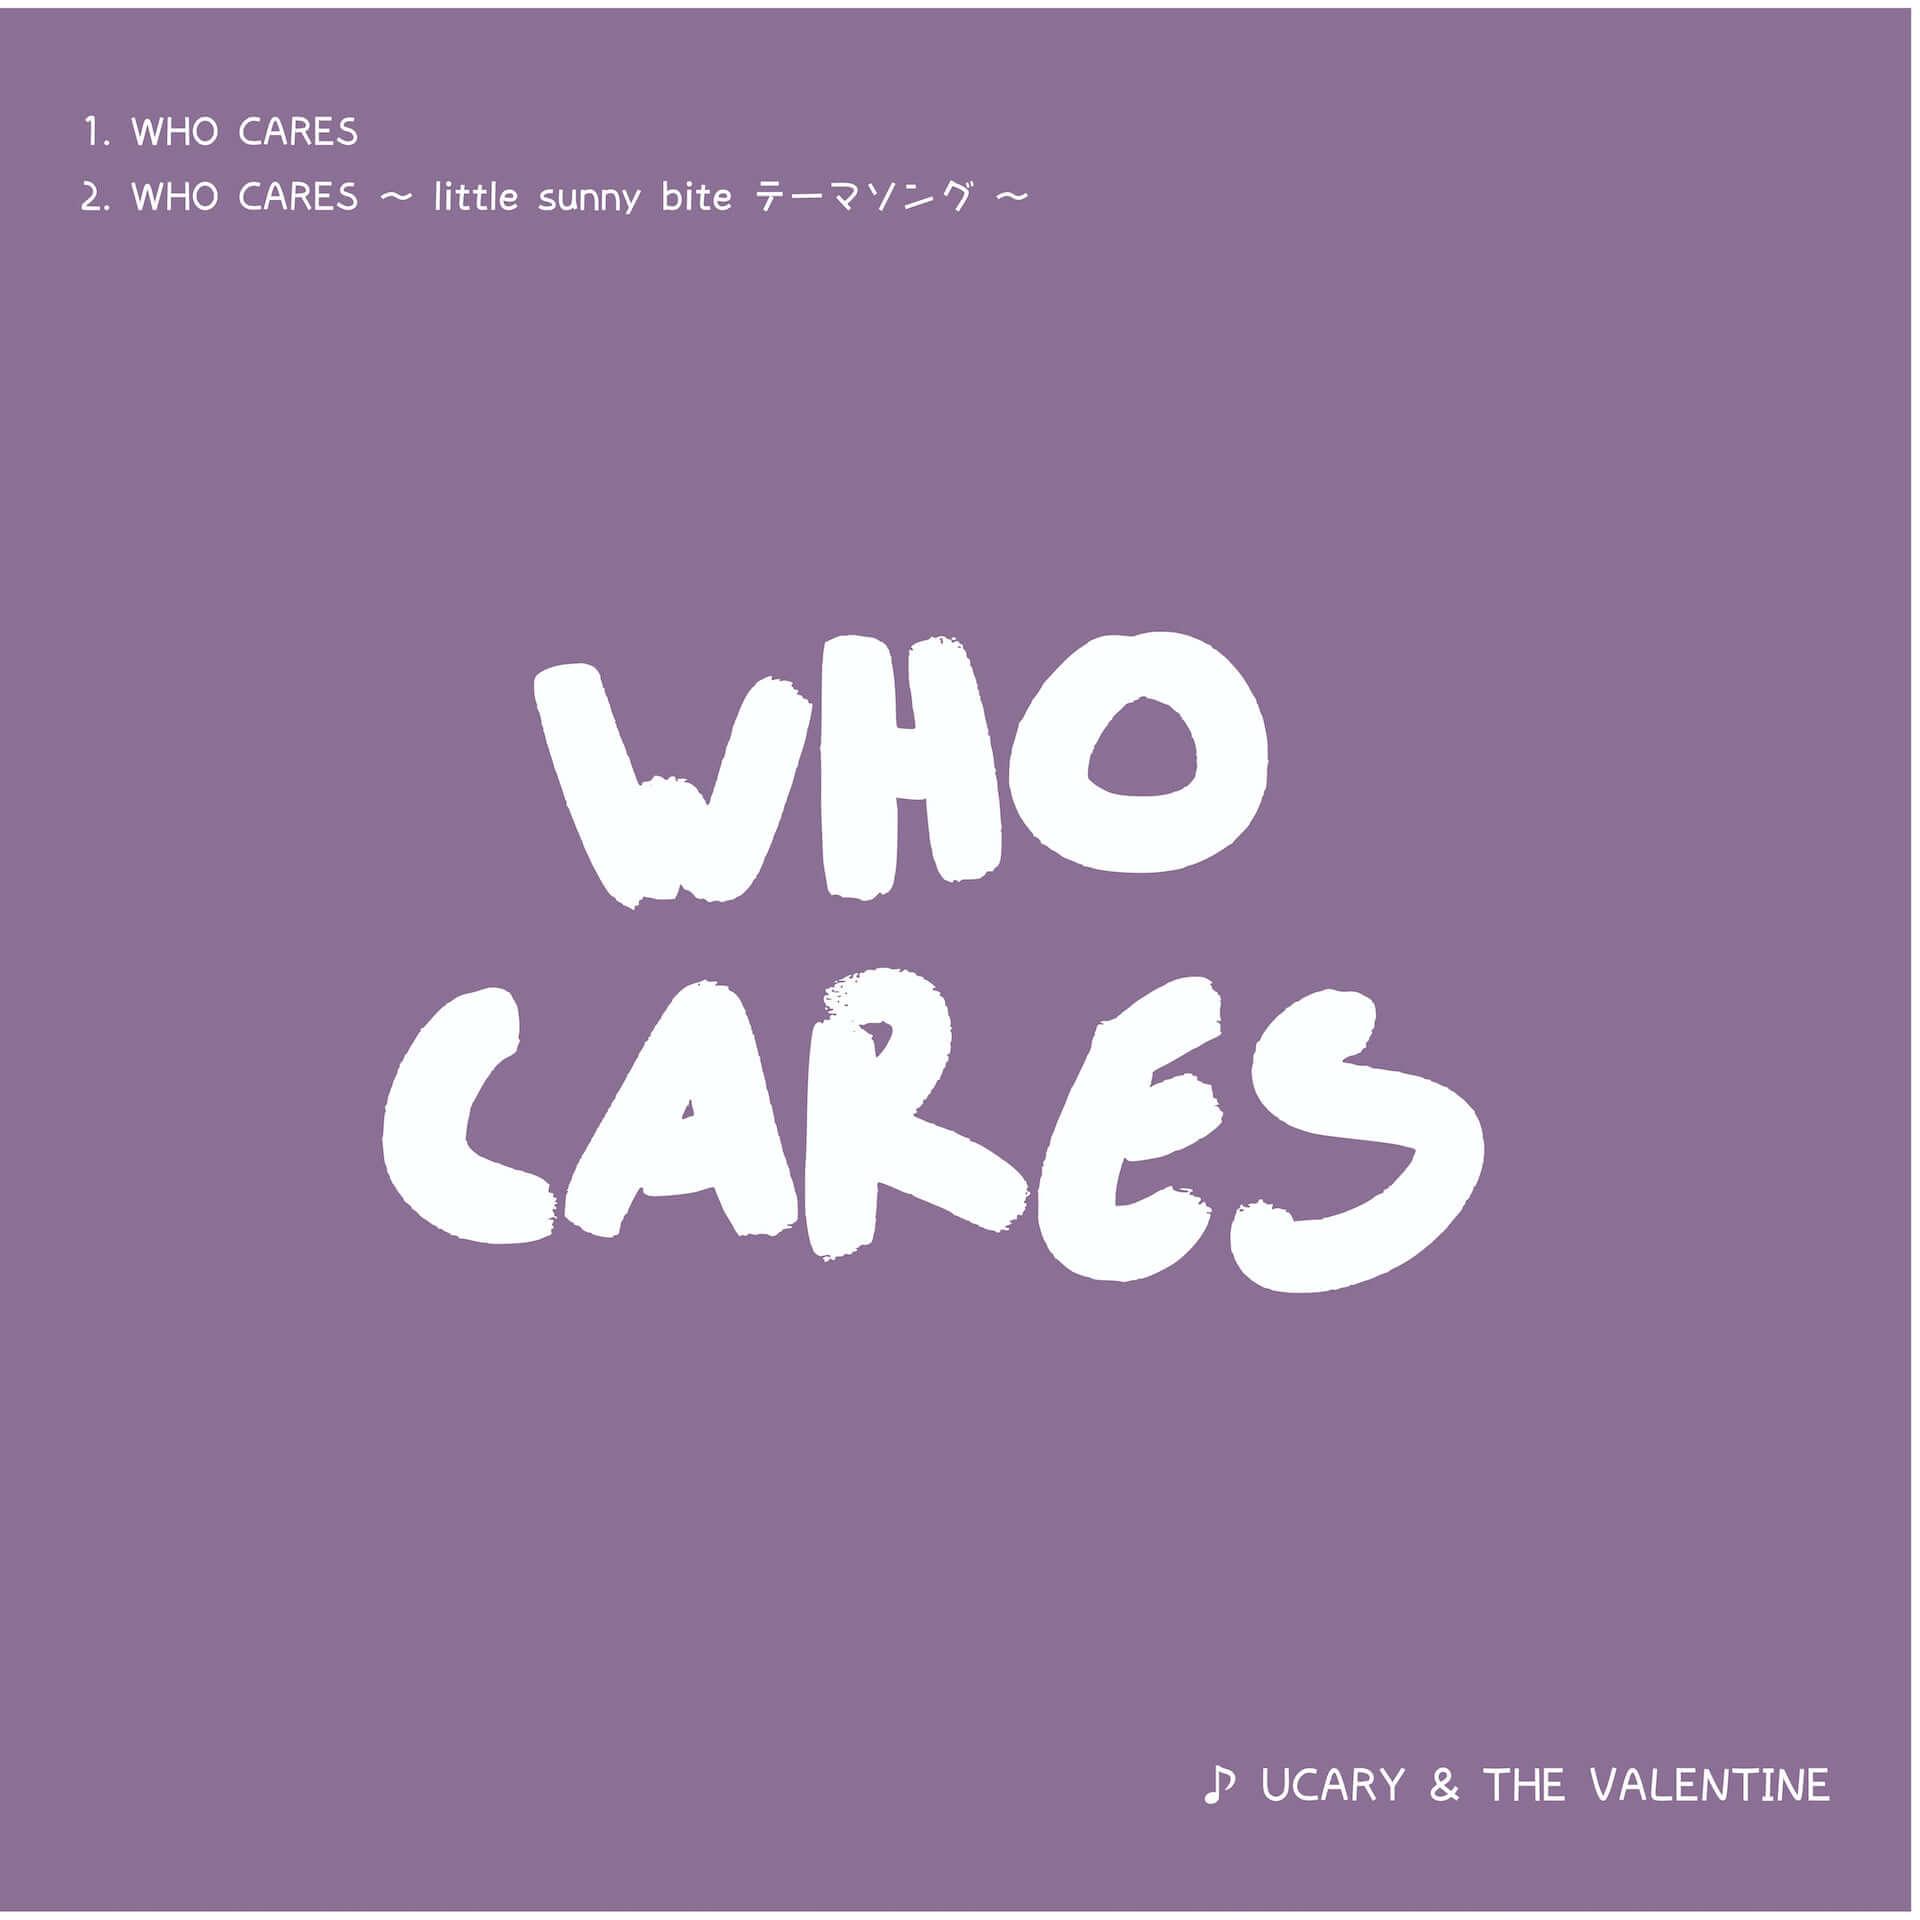 """UCARY & THE VALENTINEがニューシングル""""WHO CARES""""をリリース!YOPPYのブランド「little sunny bite」テーマソングとして書き下ろし music210212_ucary-valentine_1-1920x1920"""